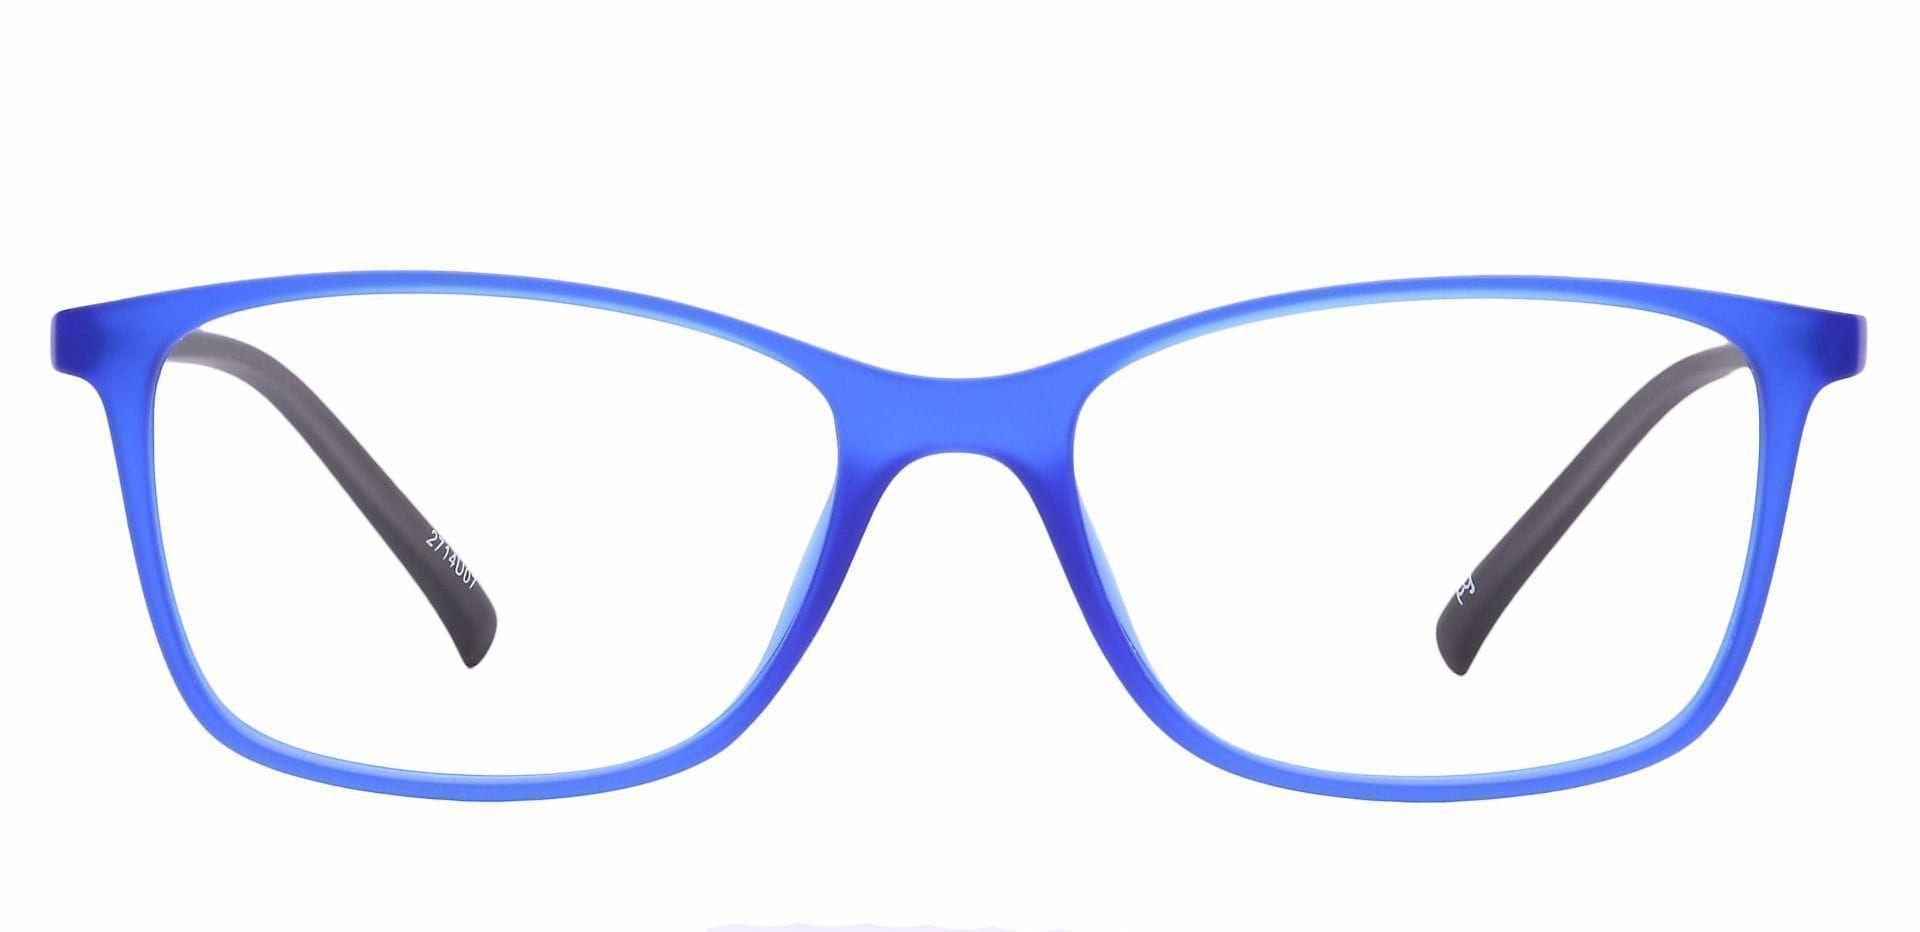 Adorn Rectangle Non-Rx Glasses - Blue